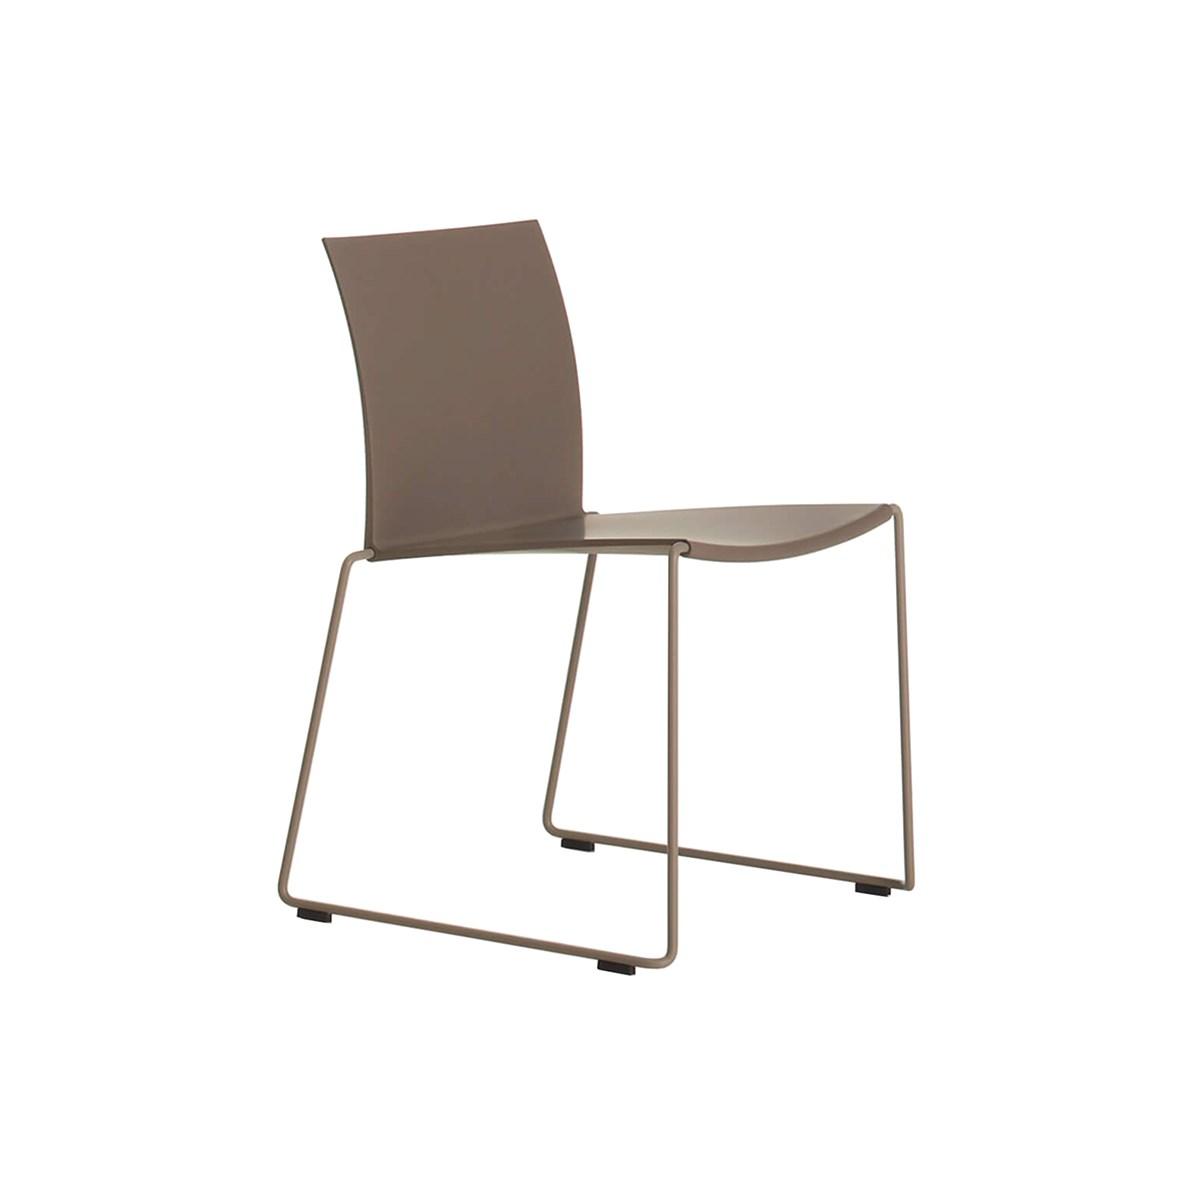 MDF-Italia-Piergiorgio-Cazzaniga-M1-Chair-Matisse-1